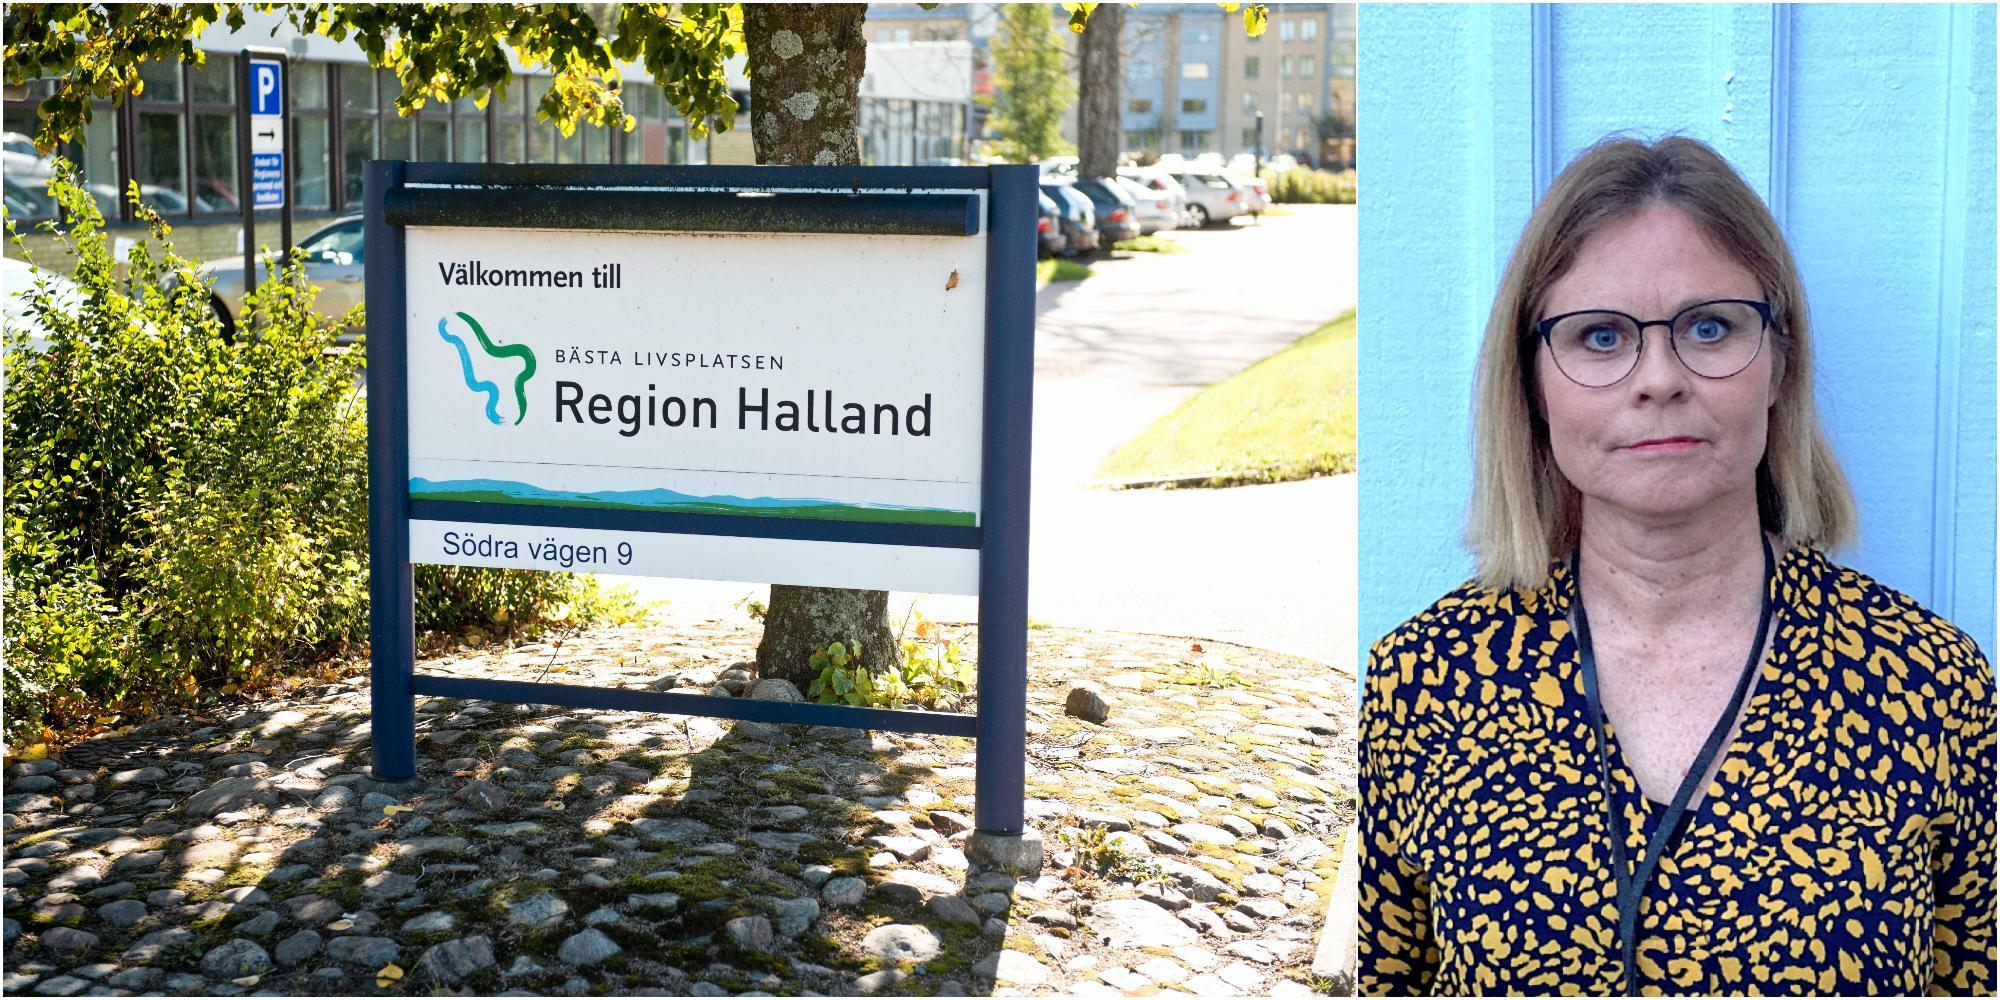 Vaccinturismen ställer till problem för region Halland